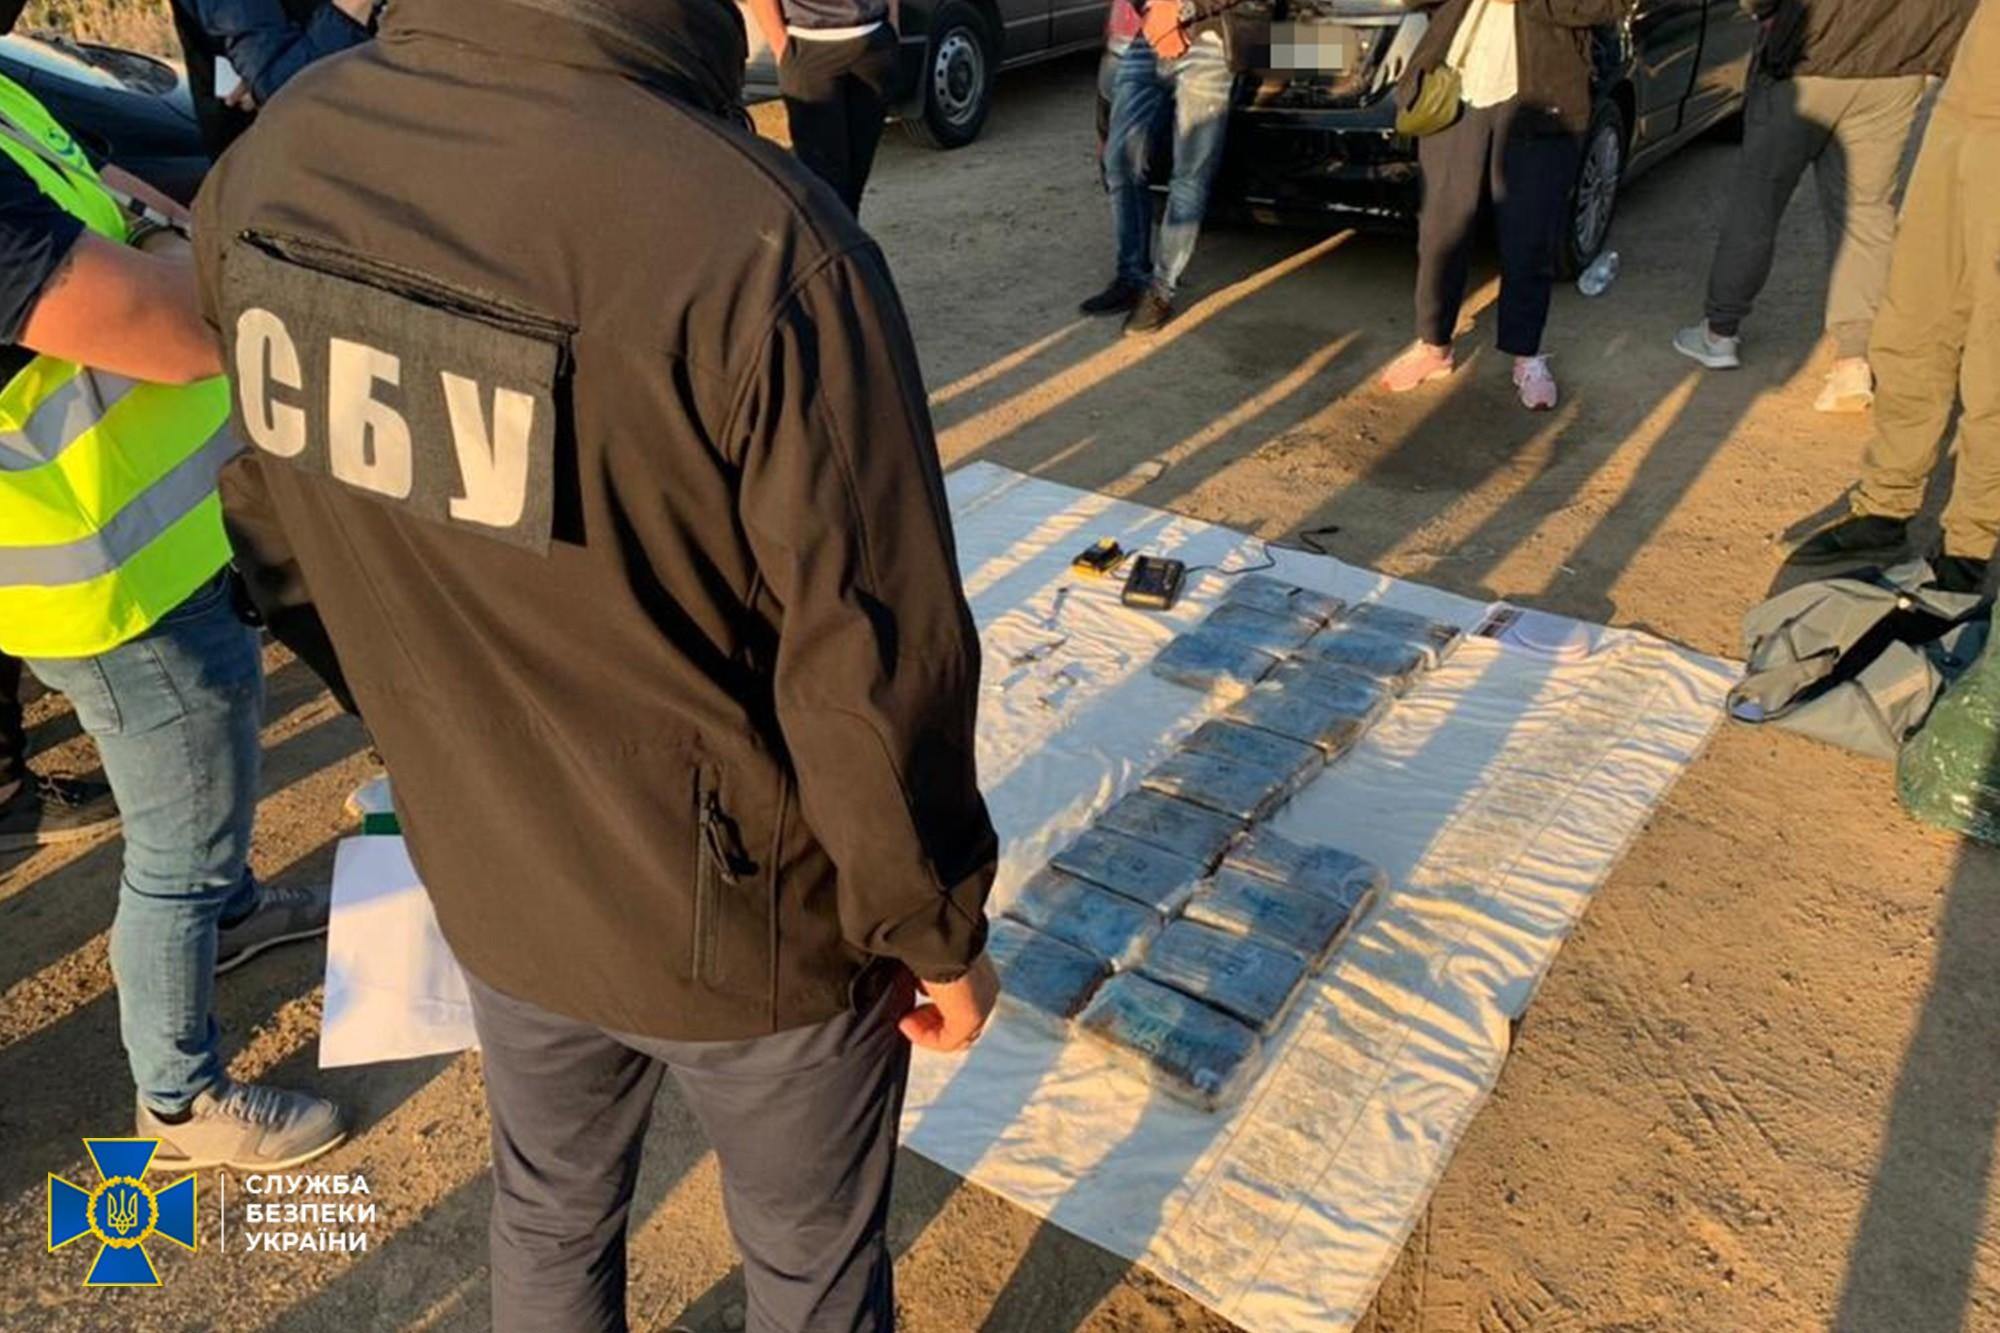 В Одессе СБУ изъяла партию кокаина на $10 миллионов. Контрабандисты — члены итальянской мафии